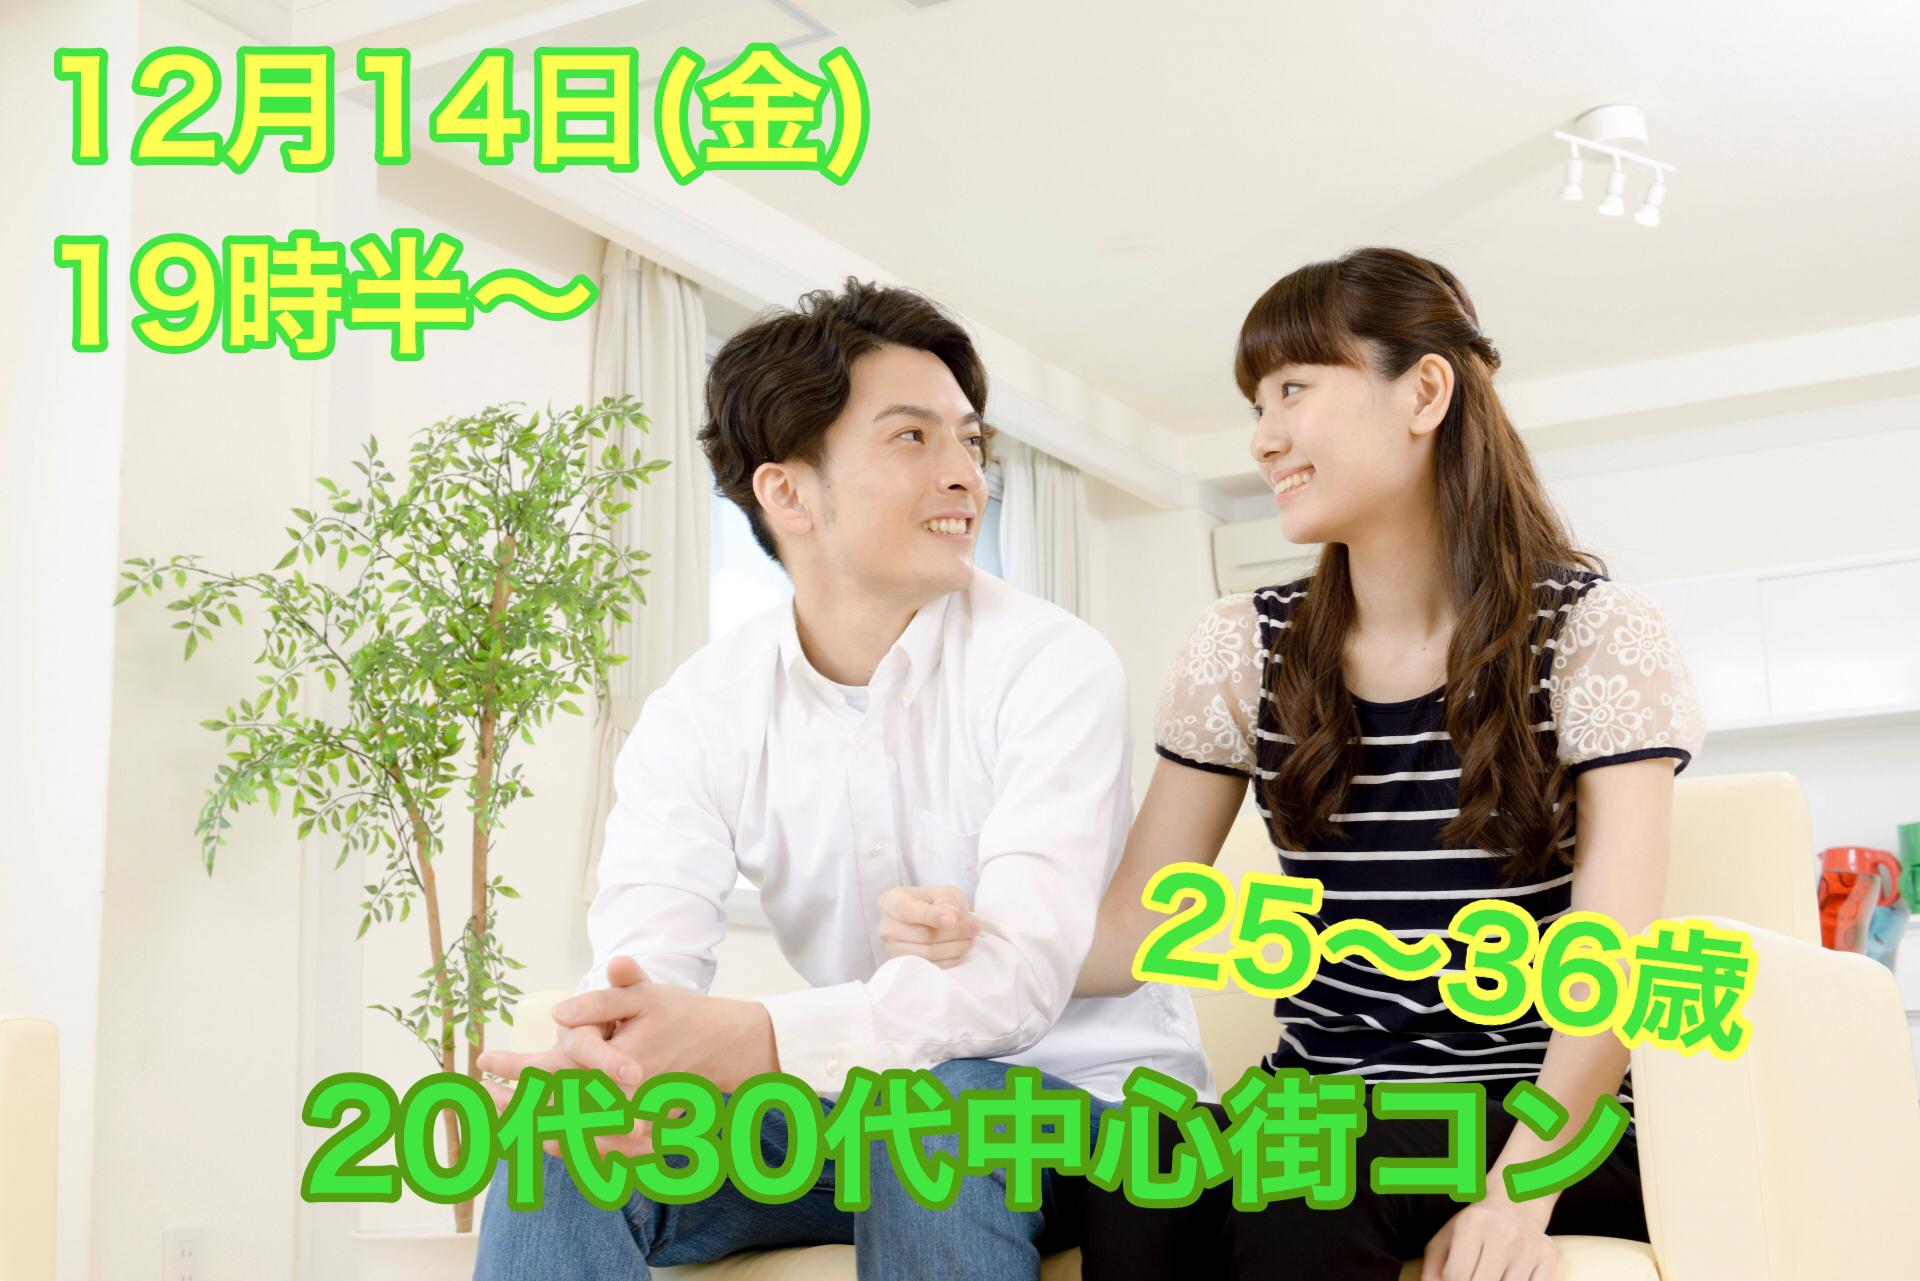 【終了】12月14日(金)19時30分~【25~36歳限定】まずは友達から!20代30代中心街コン